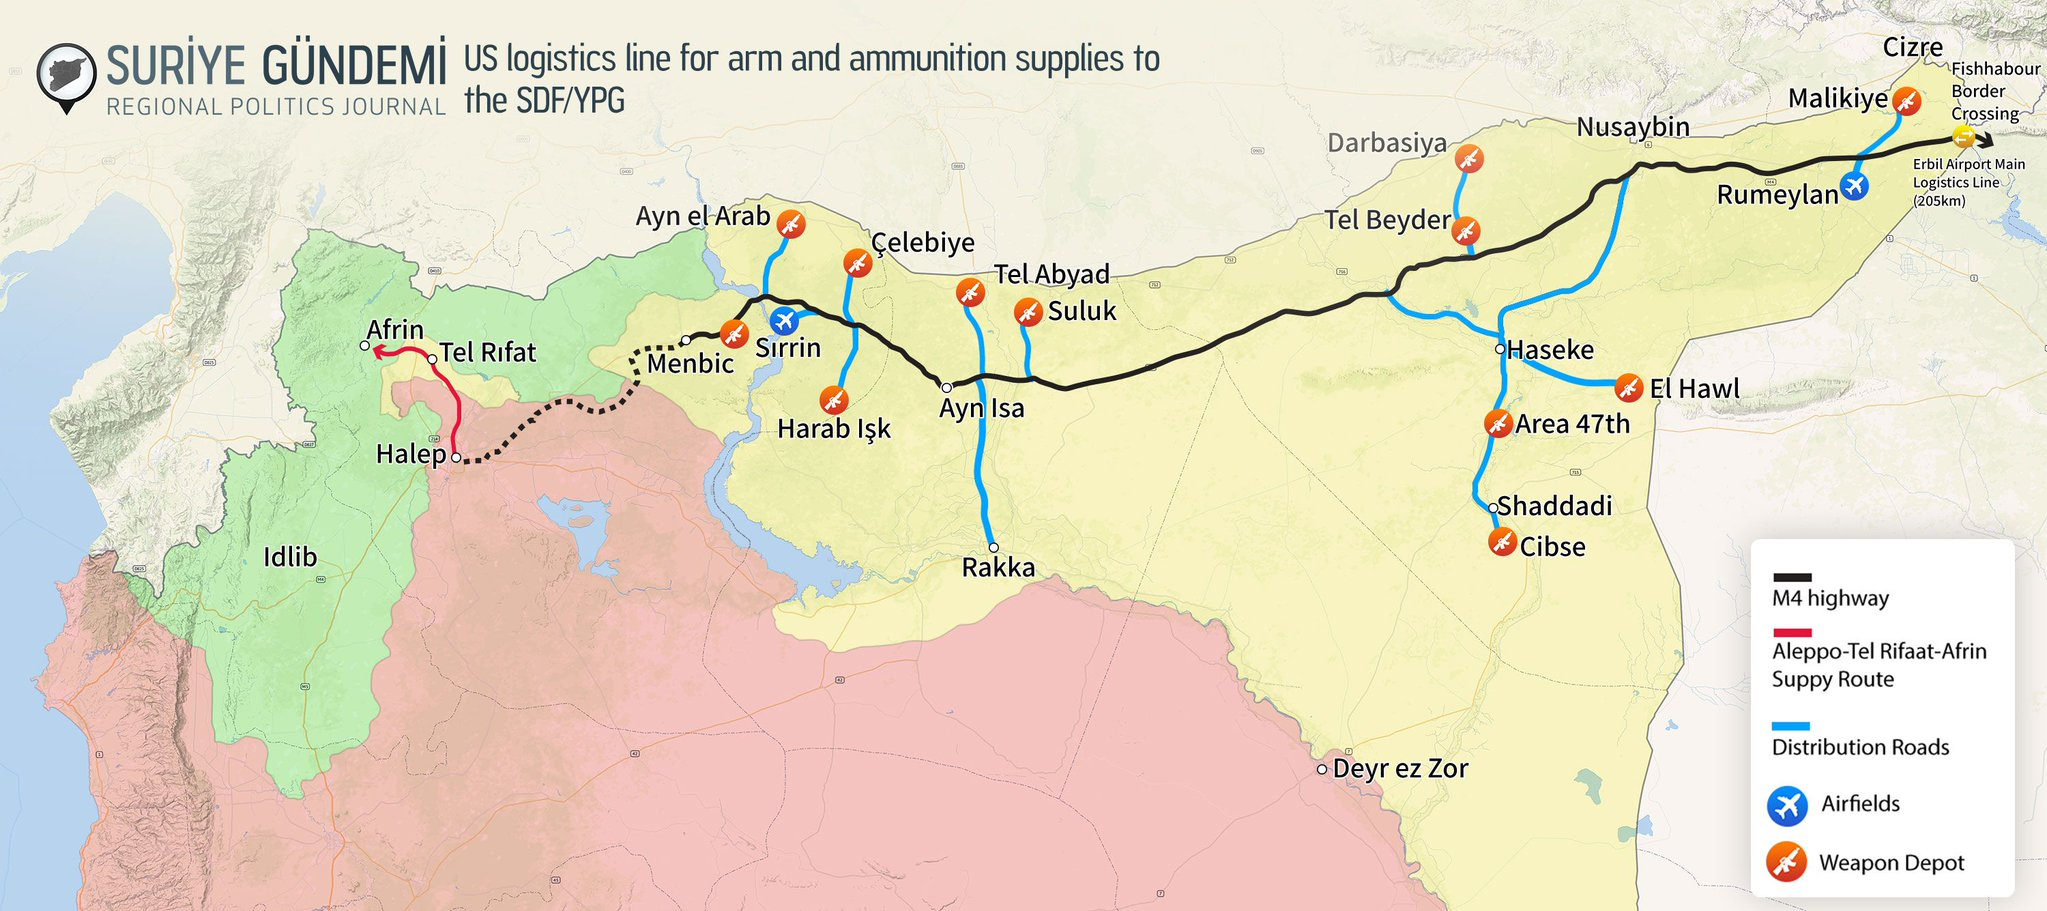 Mapa zásobovacích cest US podpory SDF/YPG